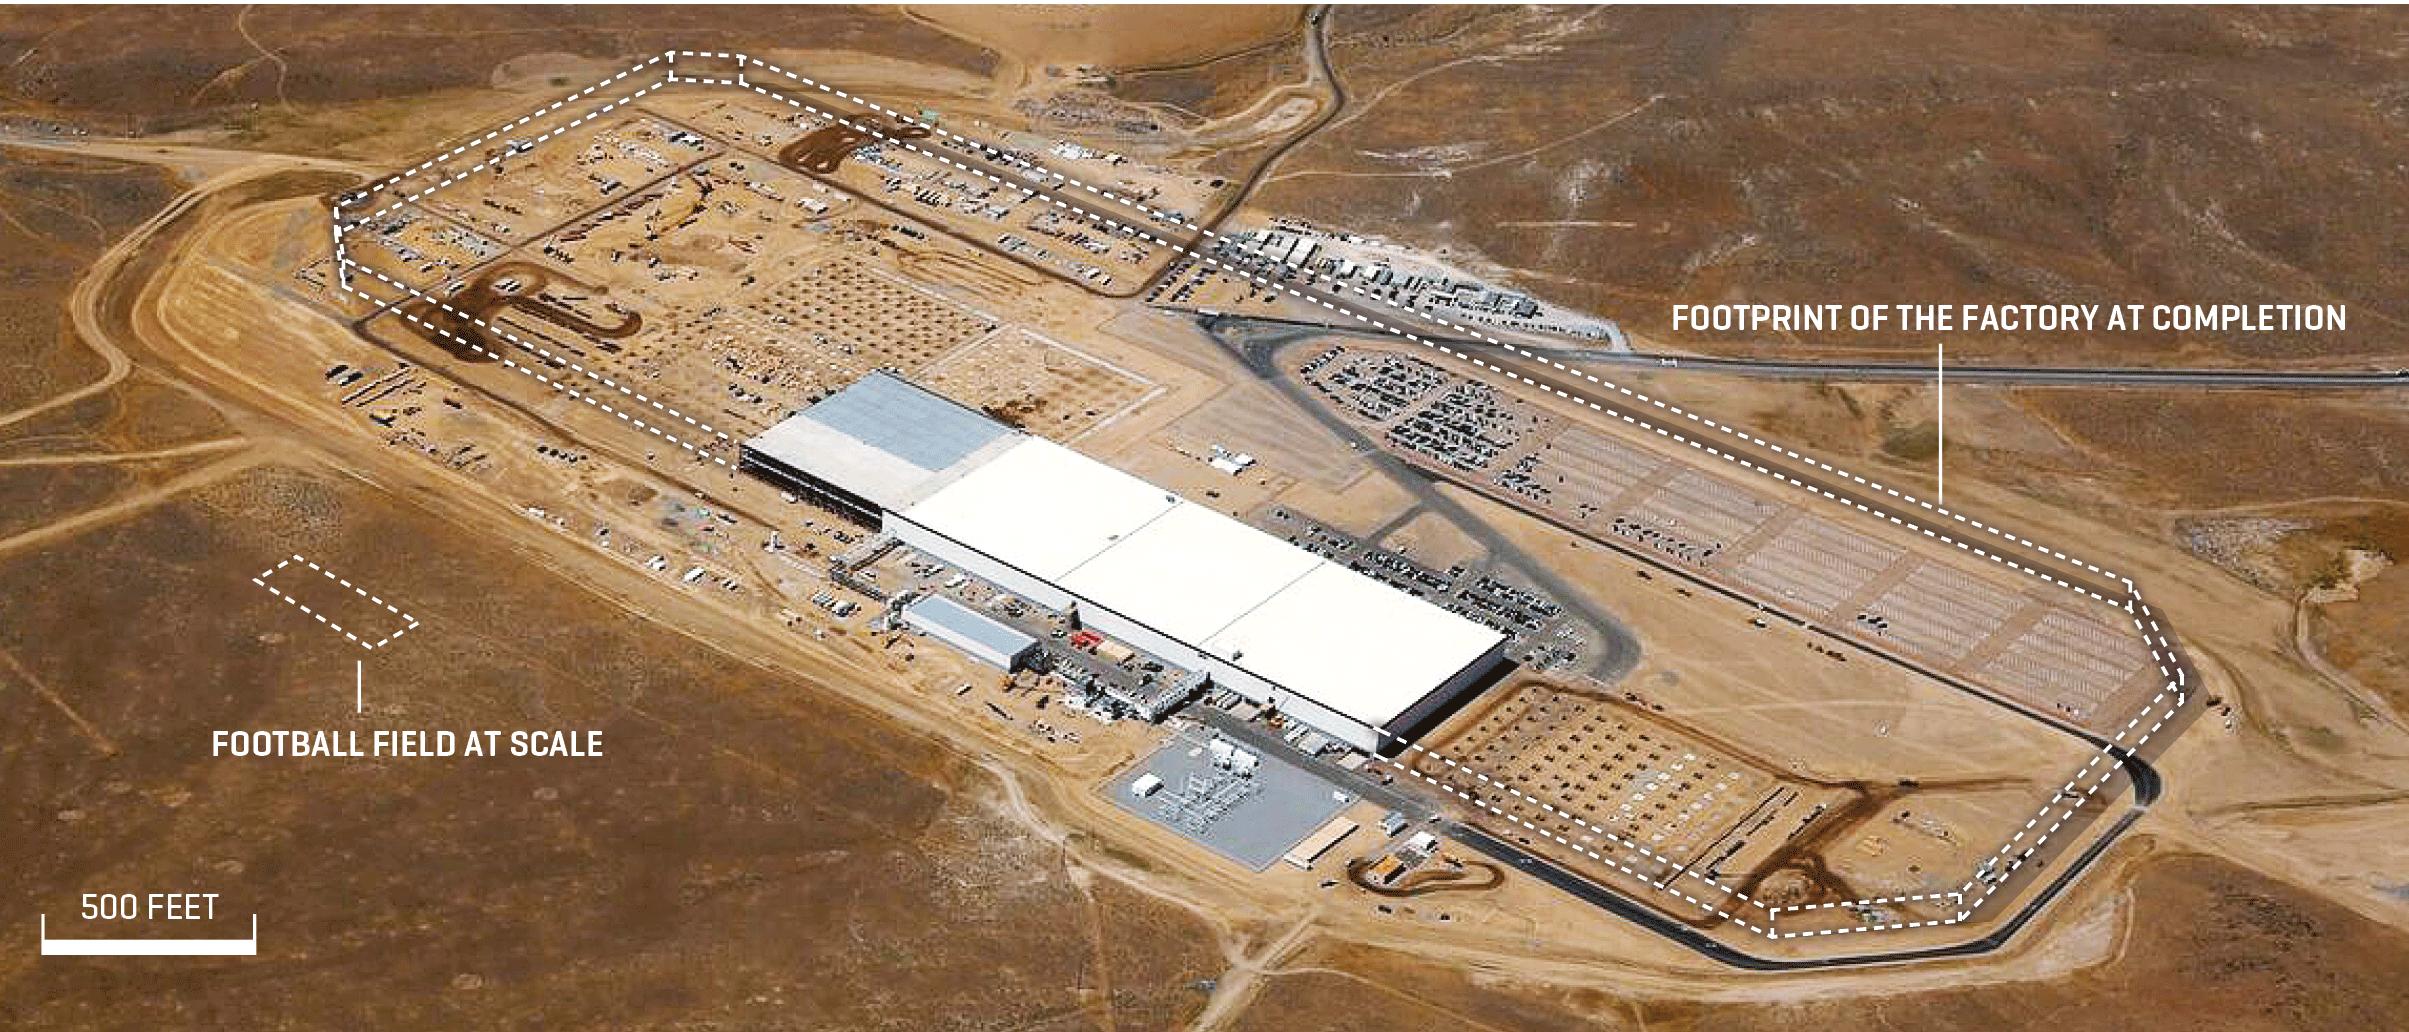 Comparativo de escala entre um campo de futebol americano e a Gigafactory